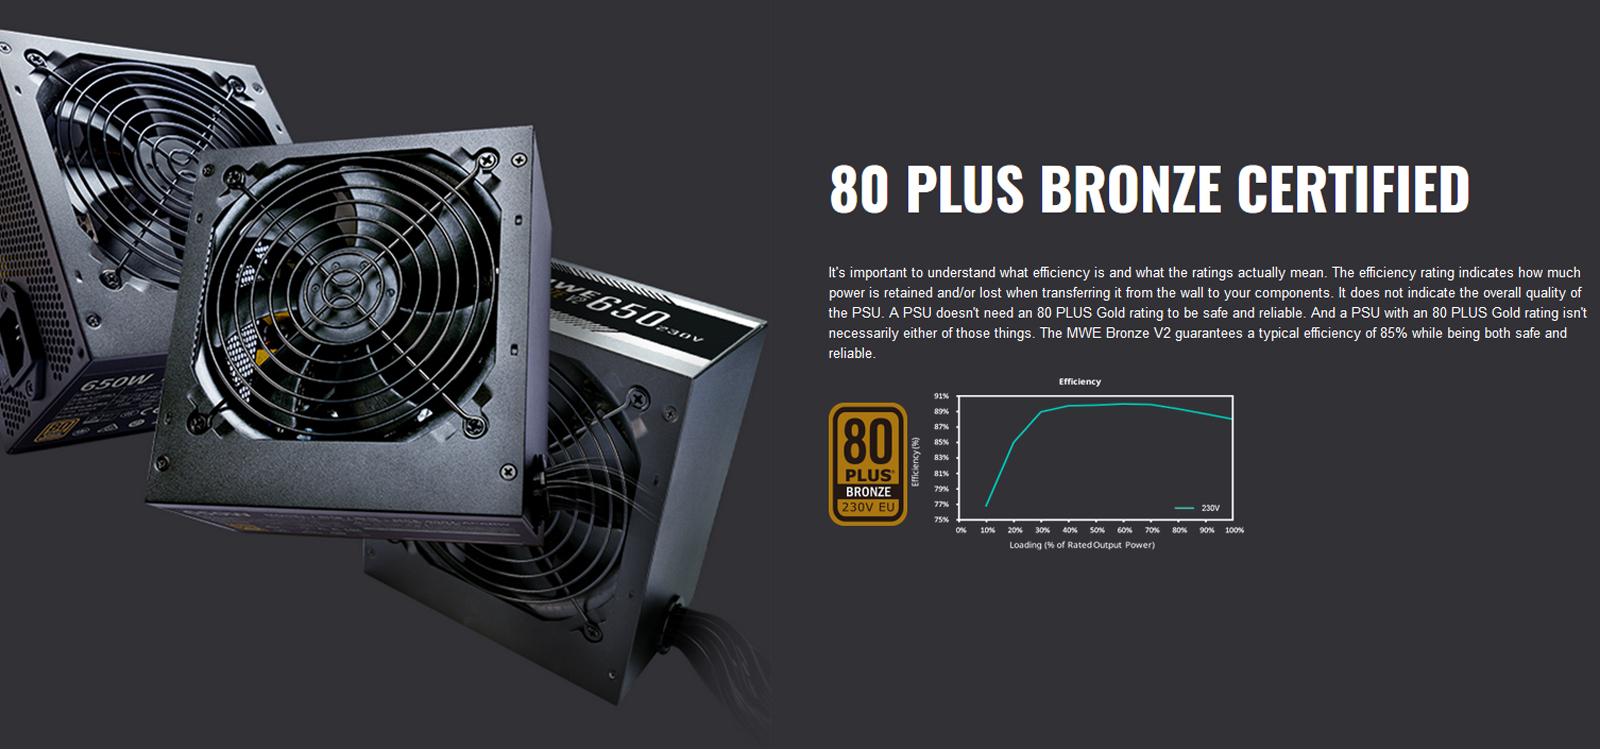 Nguồn máy tính Cooler Master MWE V2 230V 650 650W Plus Bronze  (80 Plus Bronze/Màu Đen) với HIỆU SUẤT HOẠT ĐỘNG ĐẠT CHUẨN 80 PLUS Bronze